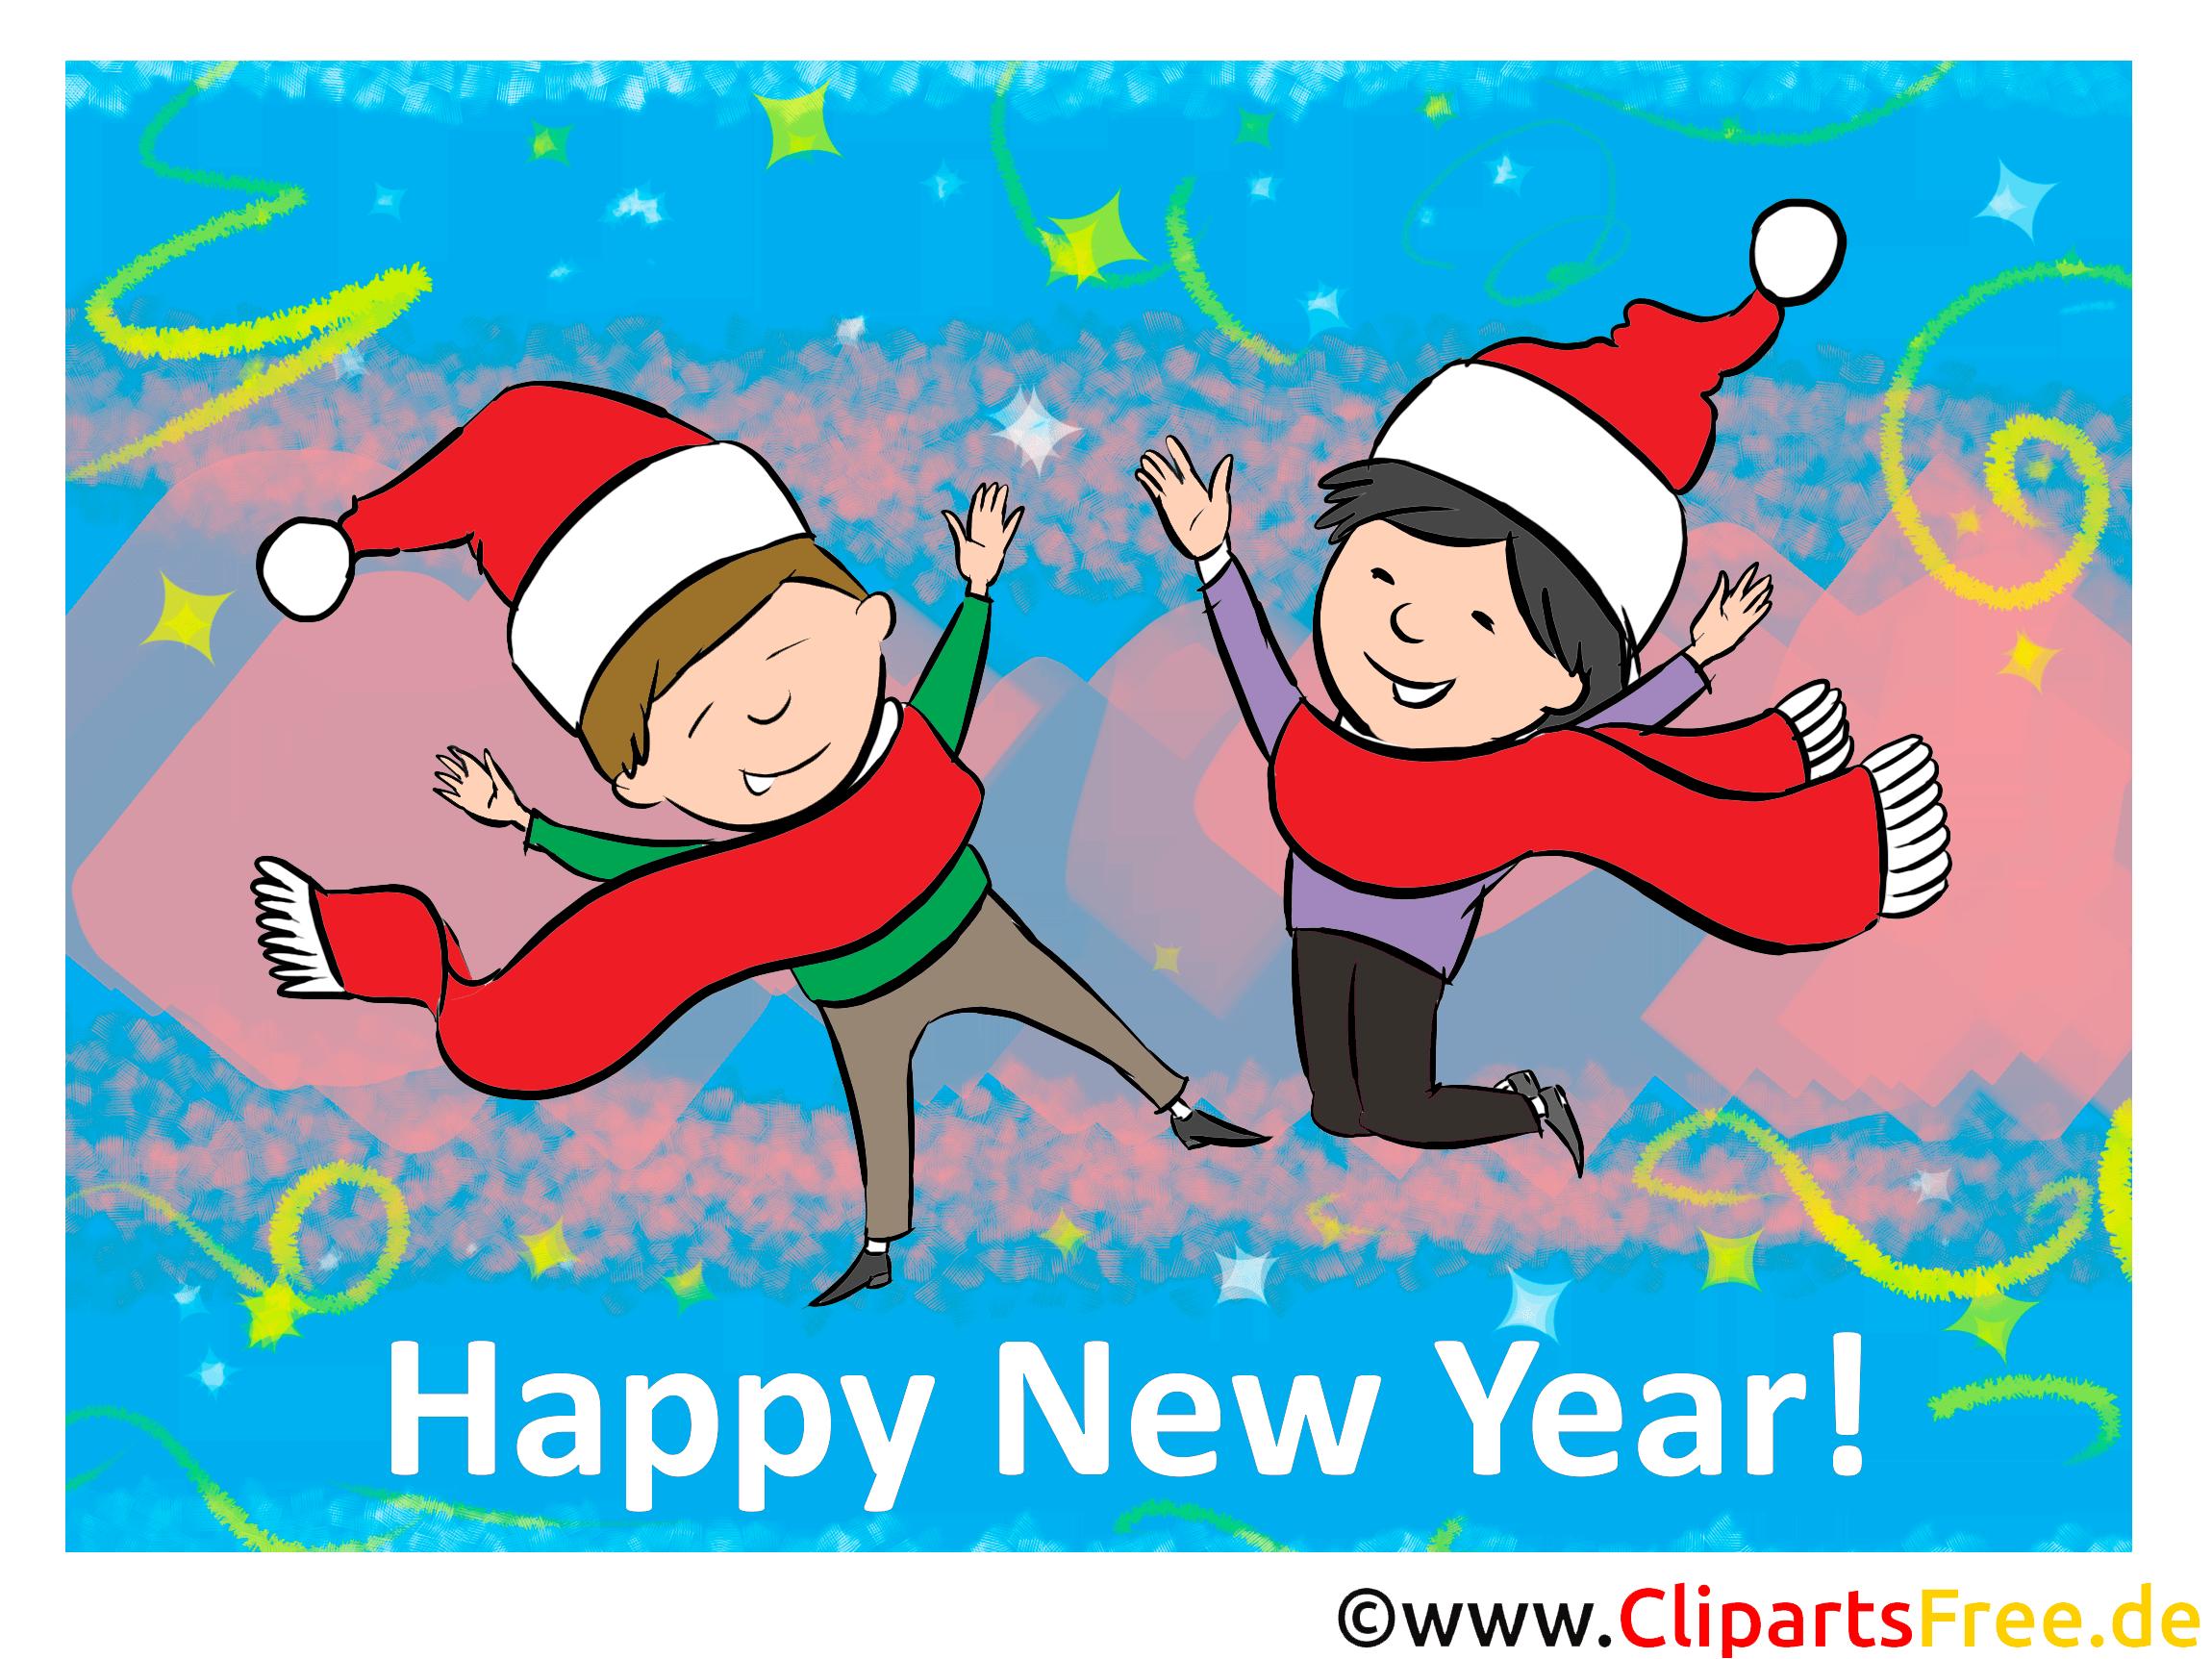 Bonne année nouvel image, dessin, carte